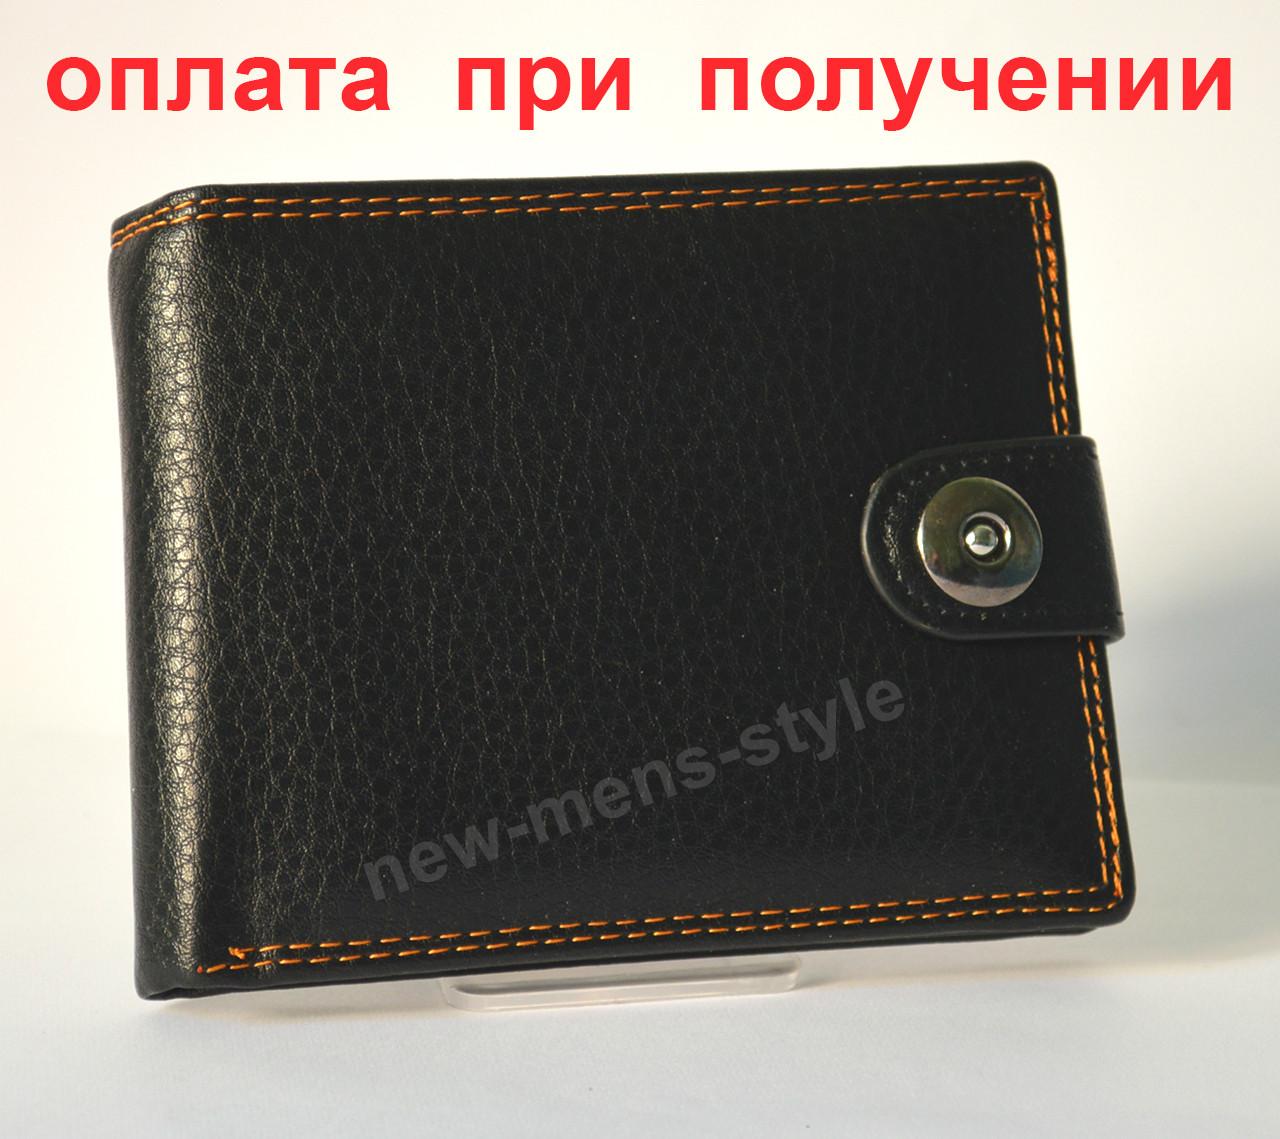 806c4bdbdb3b Мужской кожаный стильный кошелек, портмоне, бумажник, гаманець NEW -